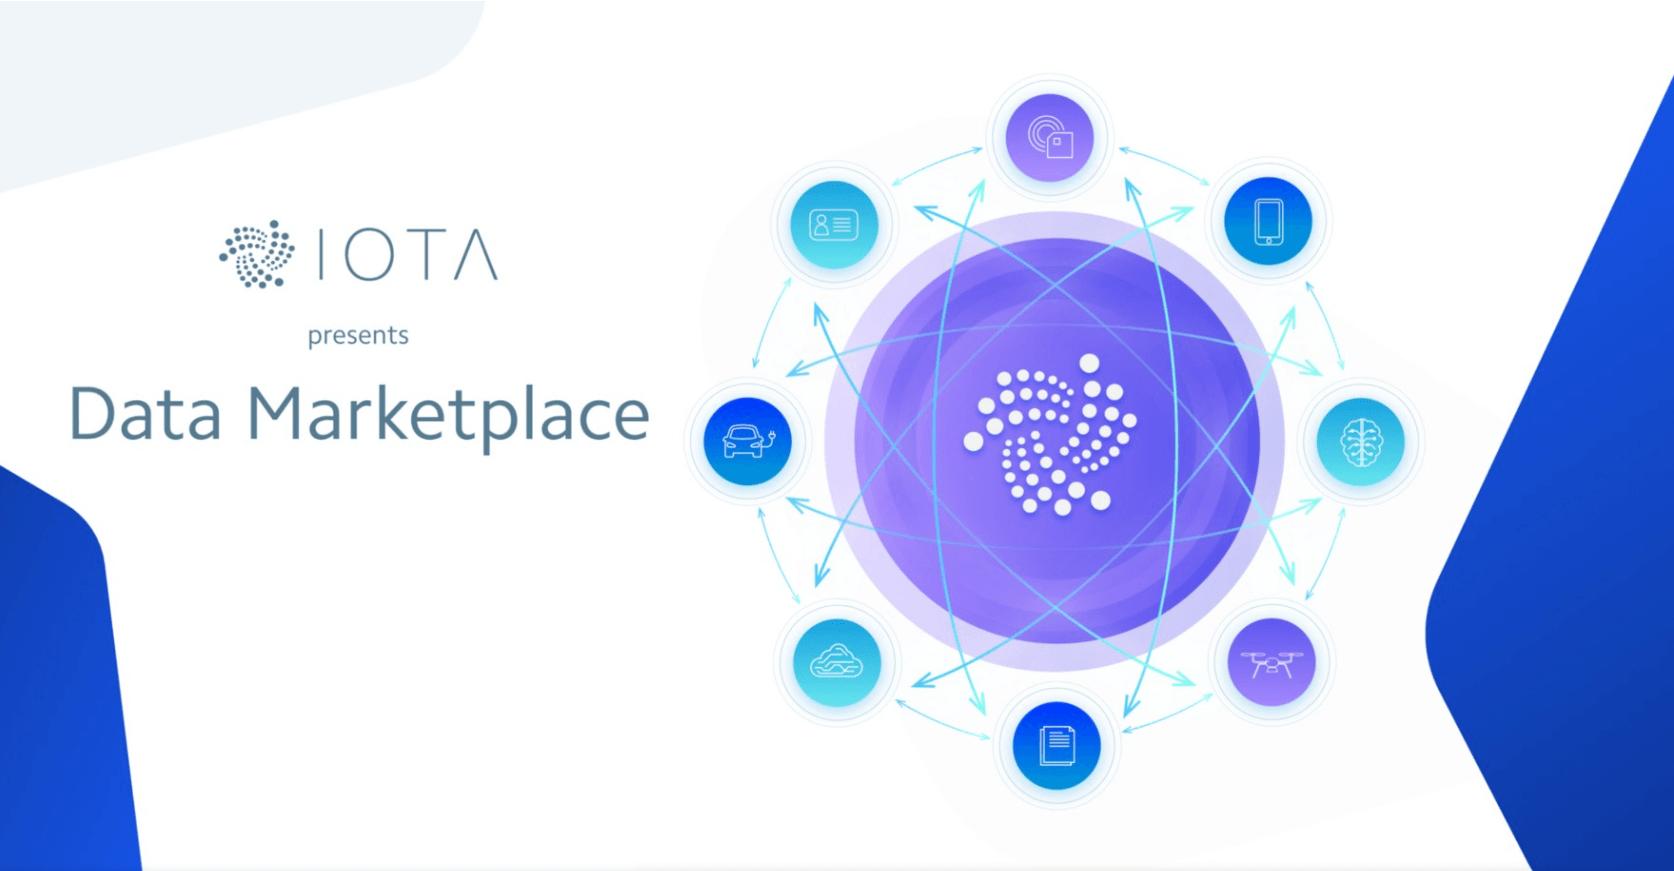 IOTA data marketplace